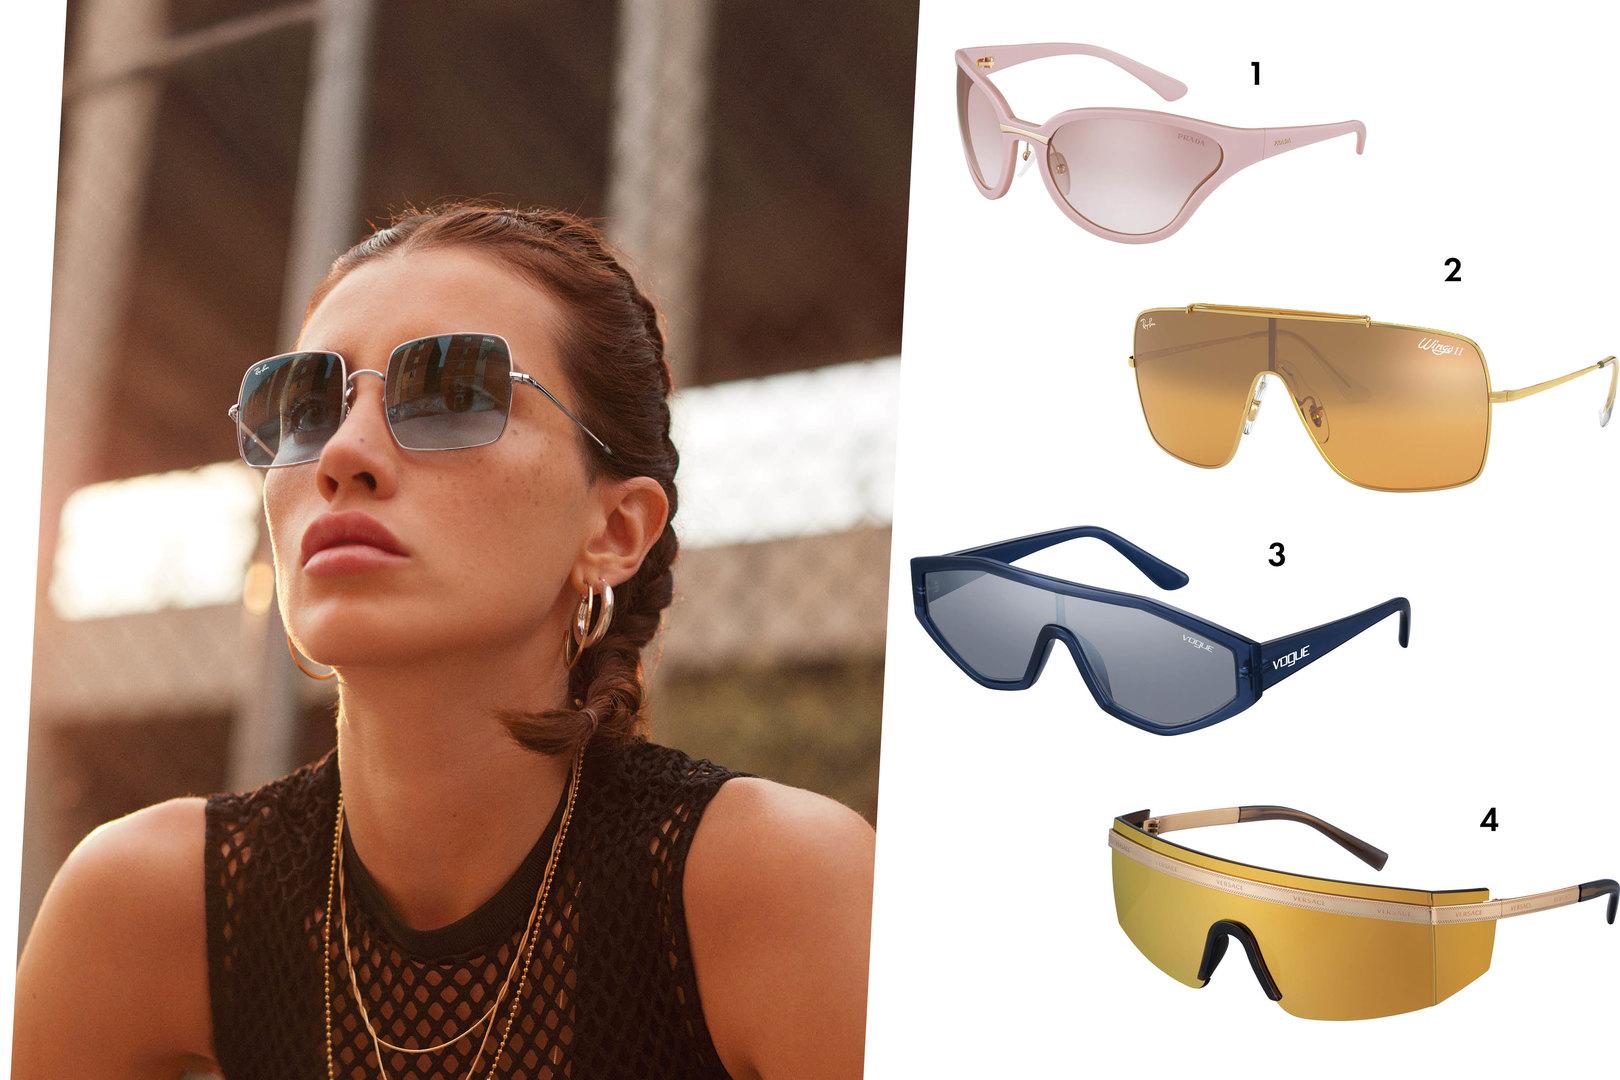 1. Очки, Prada 2. Очки, Ray-ban 3. Очки, Vogue 4. Очки, Versace; Нафото очки Ray-ban